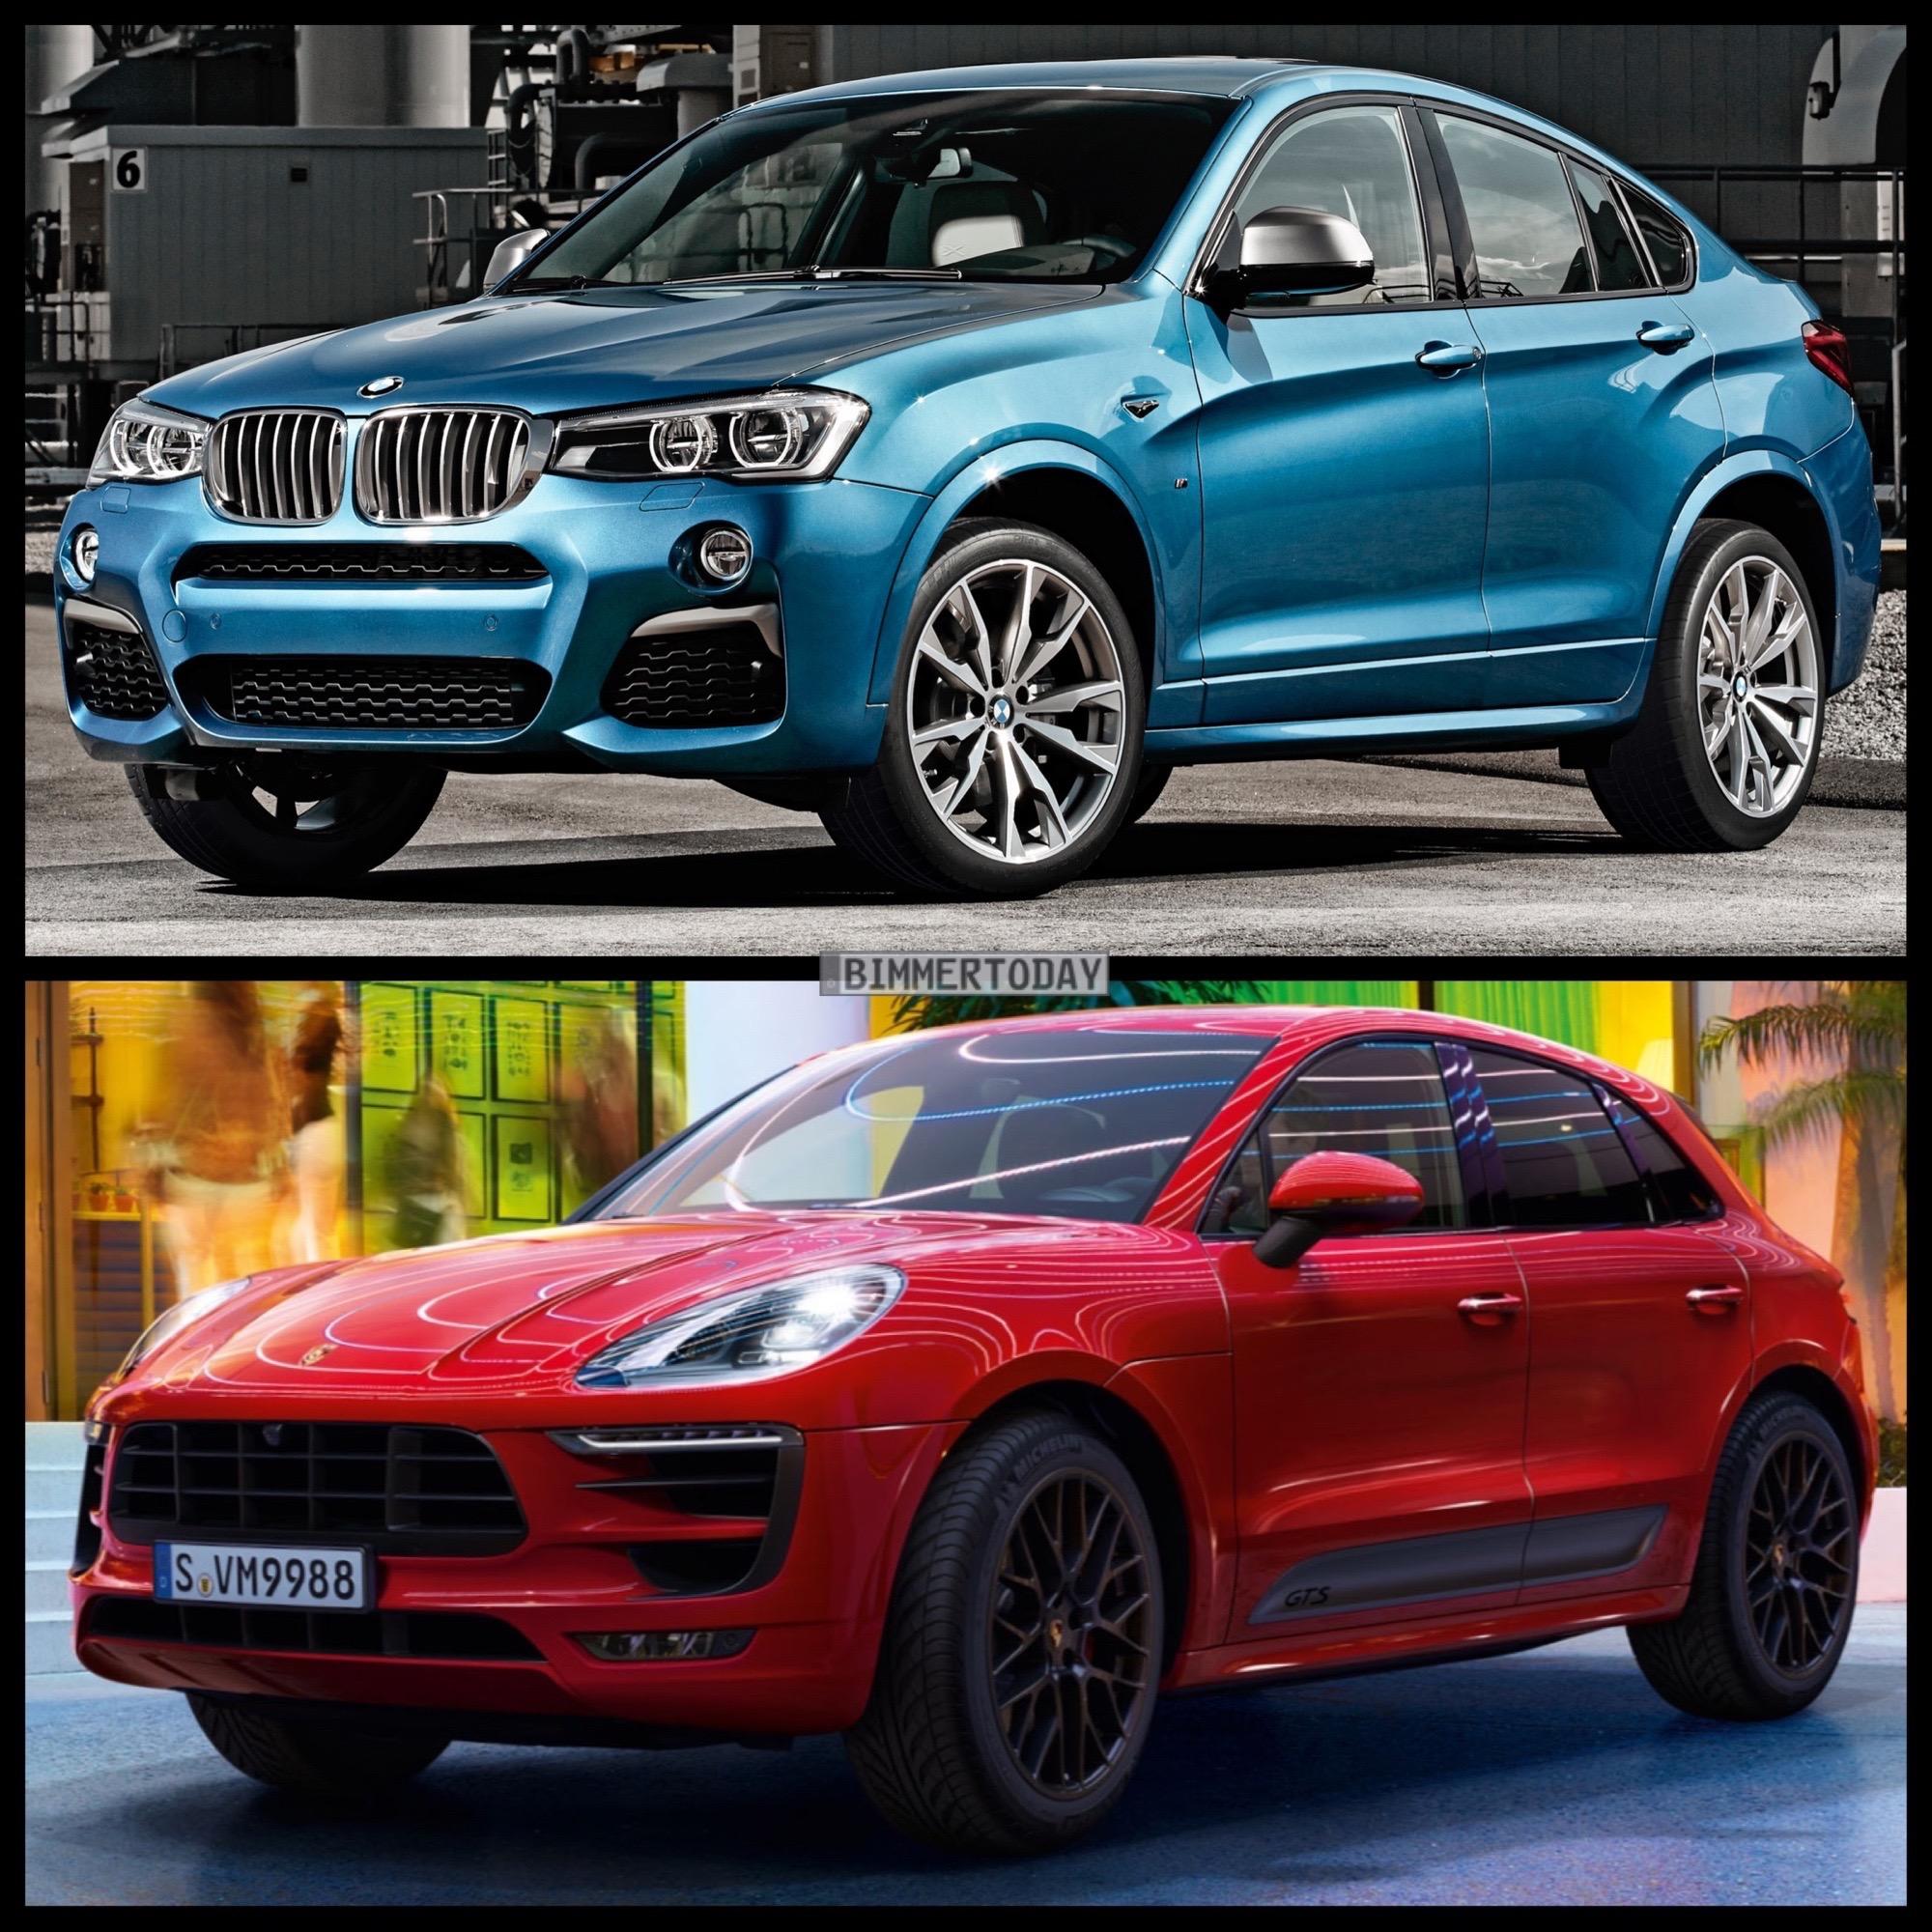 Bild Vergleich BMW X4 M40i F26 Porsche Macan GTS 2015 04